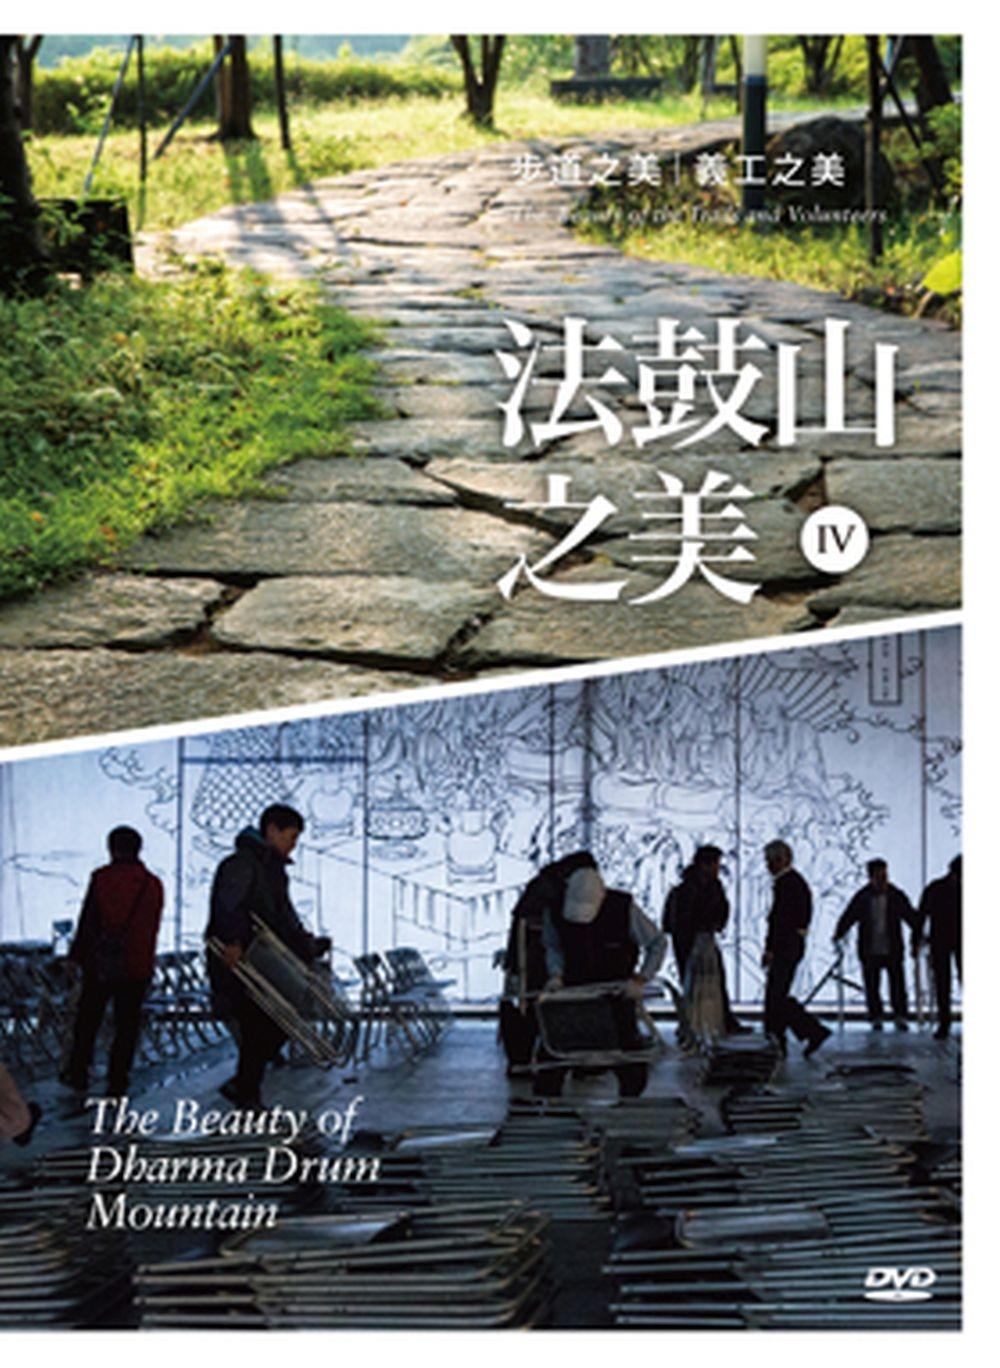 法鼓山之美IV:步道之美‧義工之美DVD